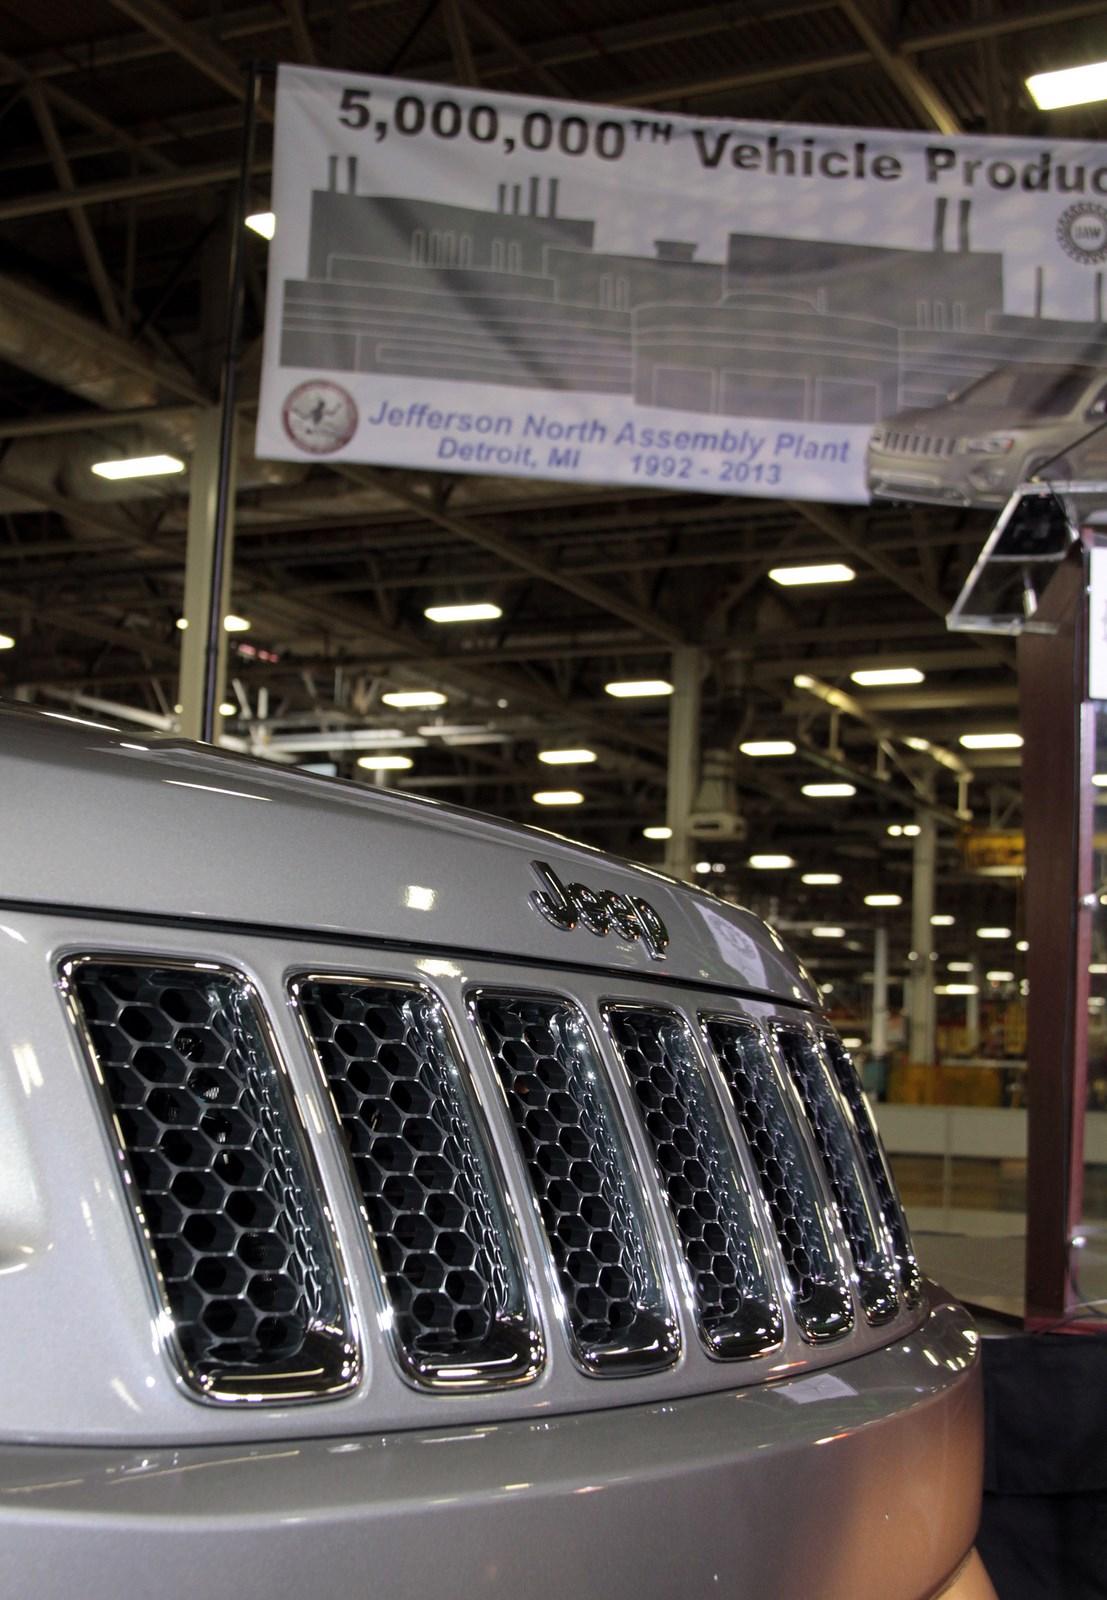 Η Jeep κατασκεύασε 5 εκατ. αυτοκίνητα στο Jefferson North ...